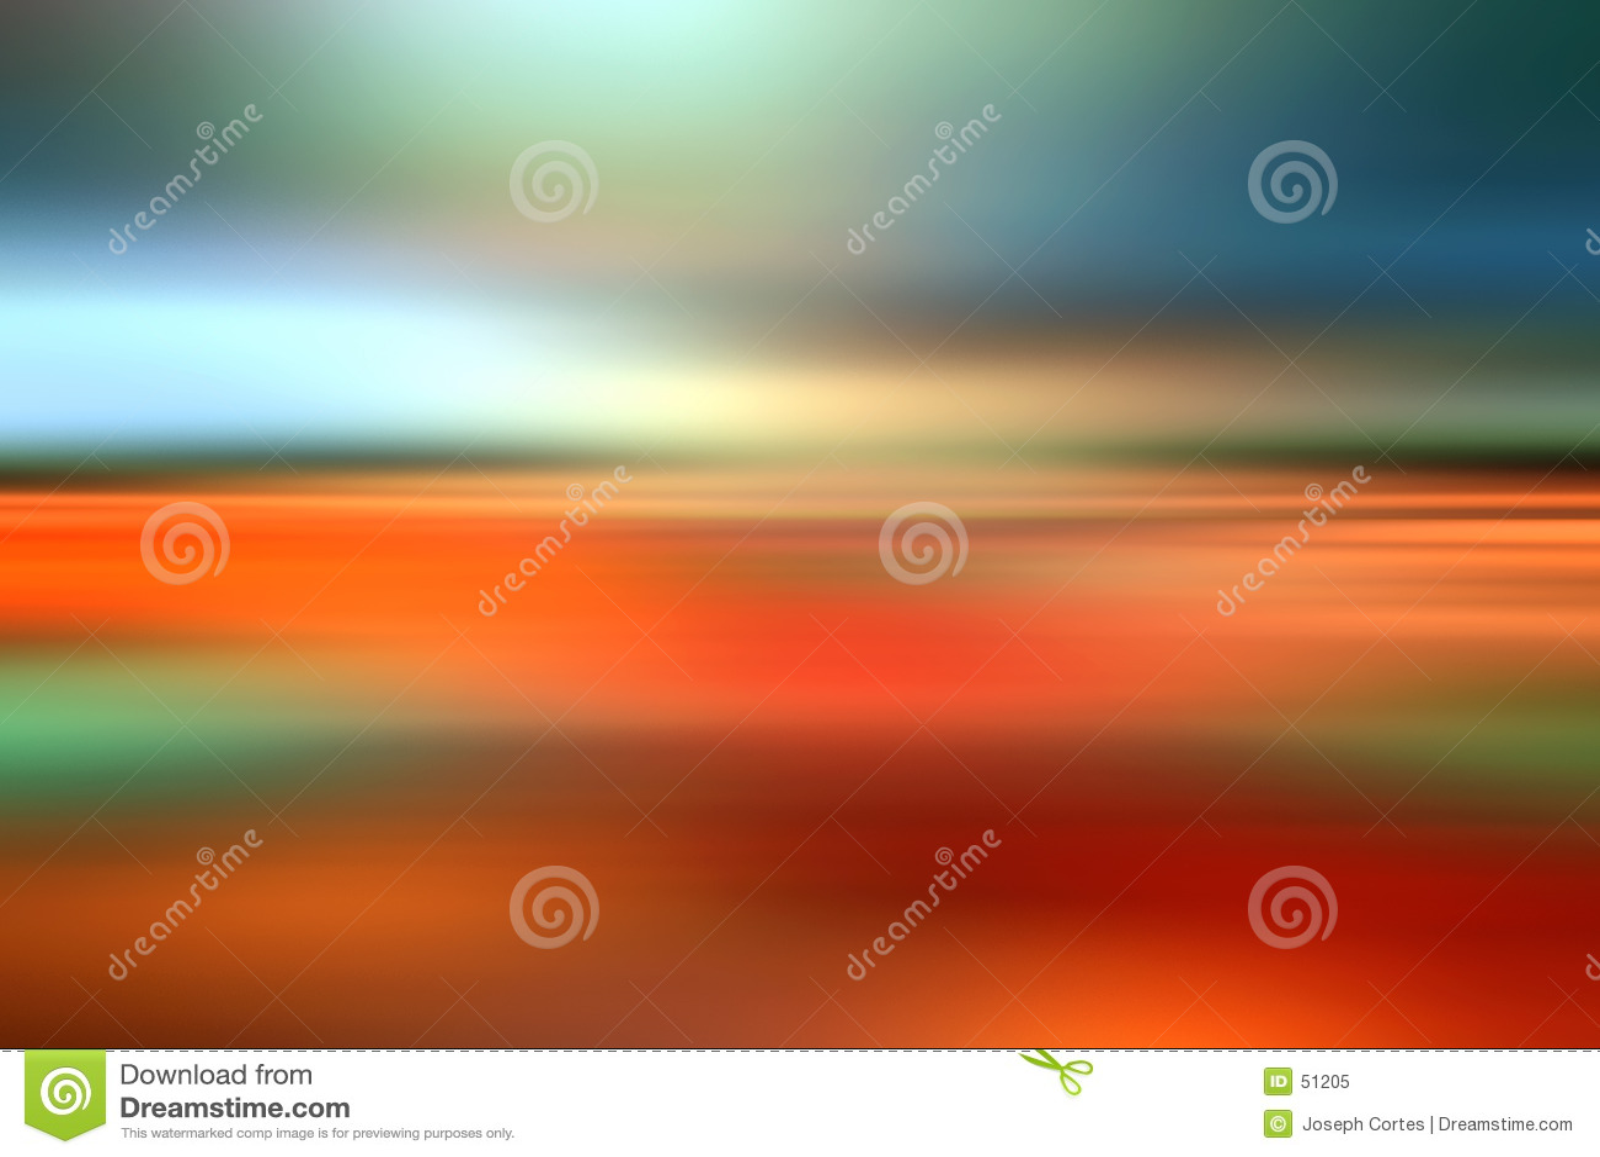 Colores abstractos de la falta de definición del paisaje